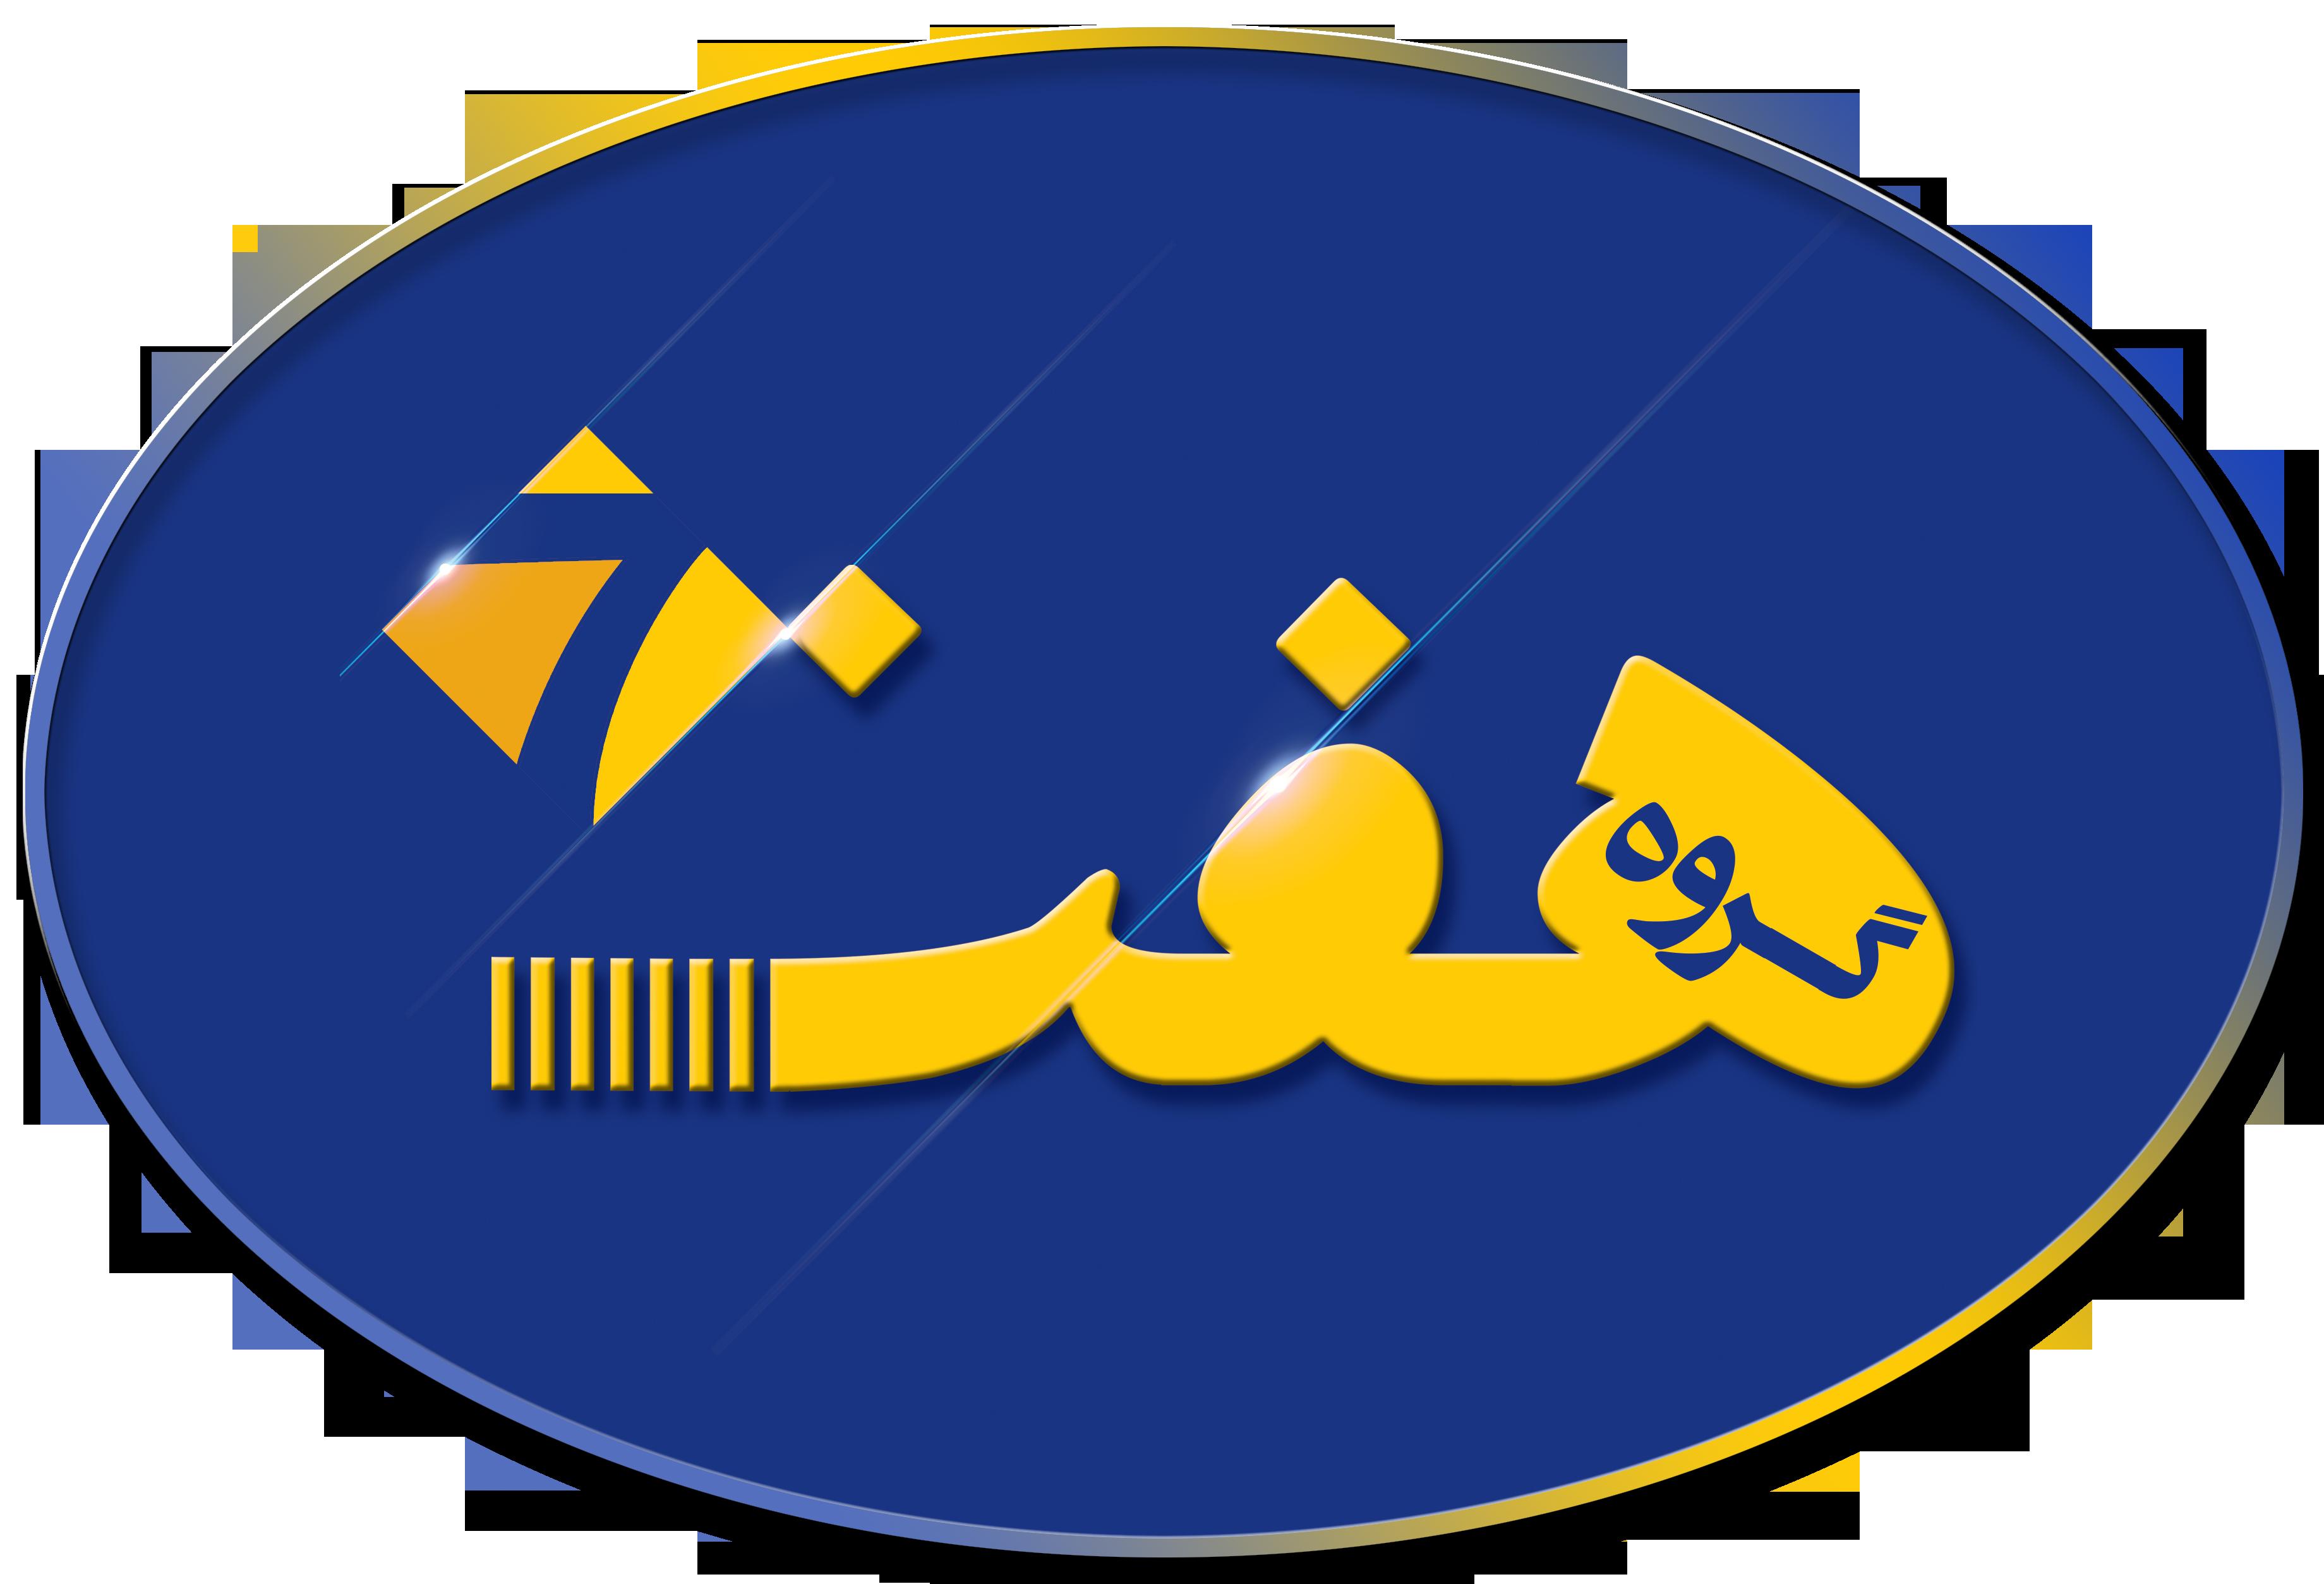 گروه توسعه پایدار هفت ایرانیان